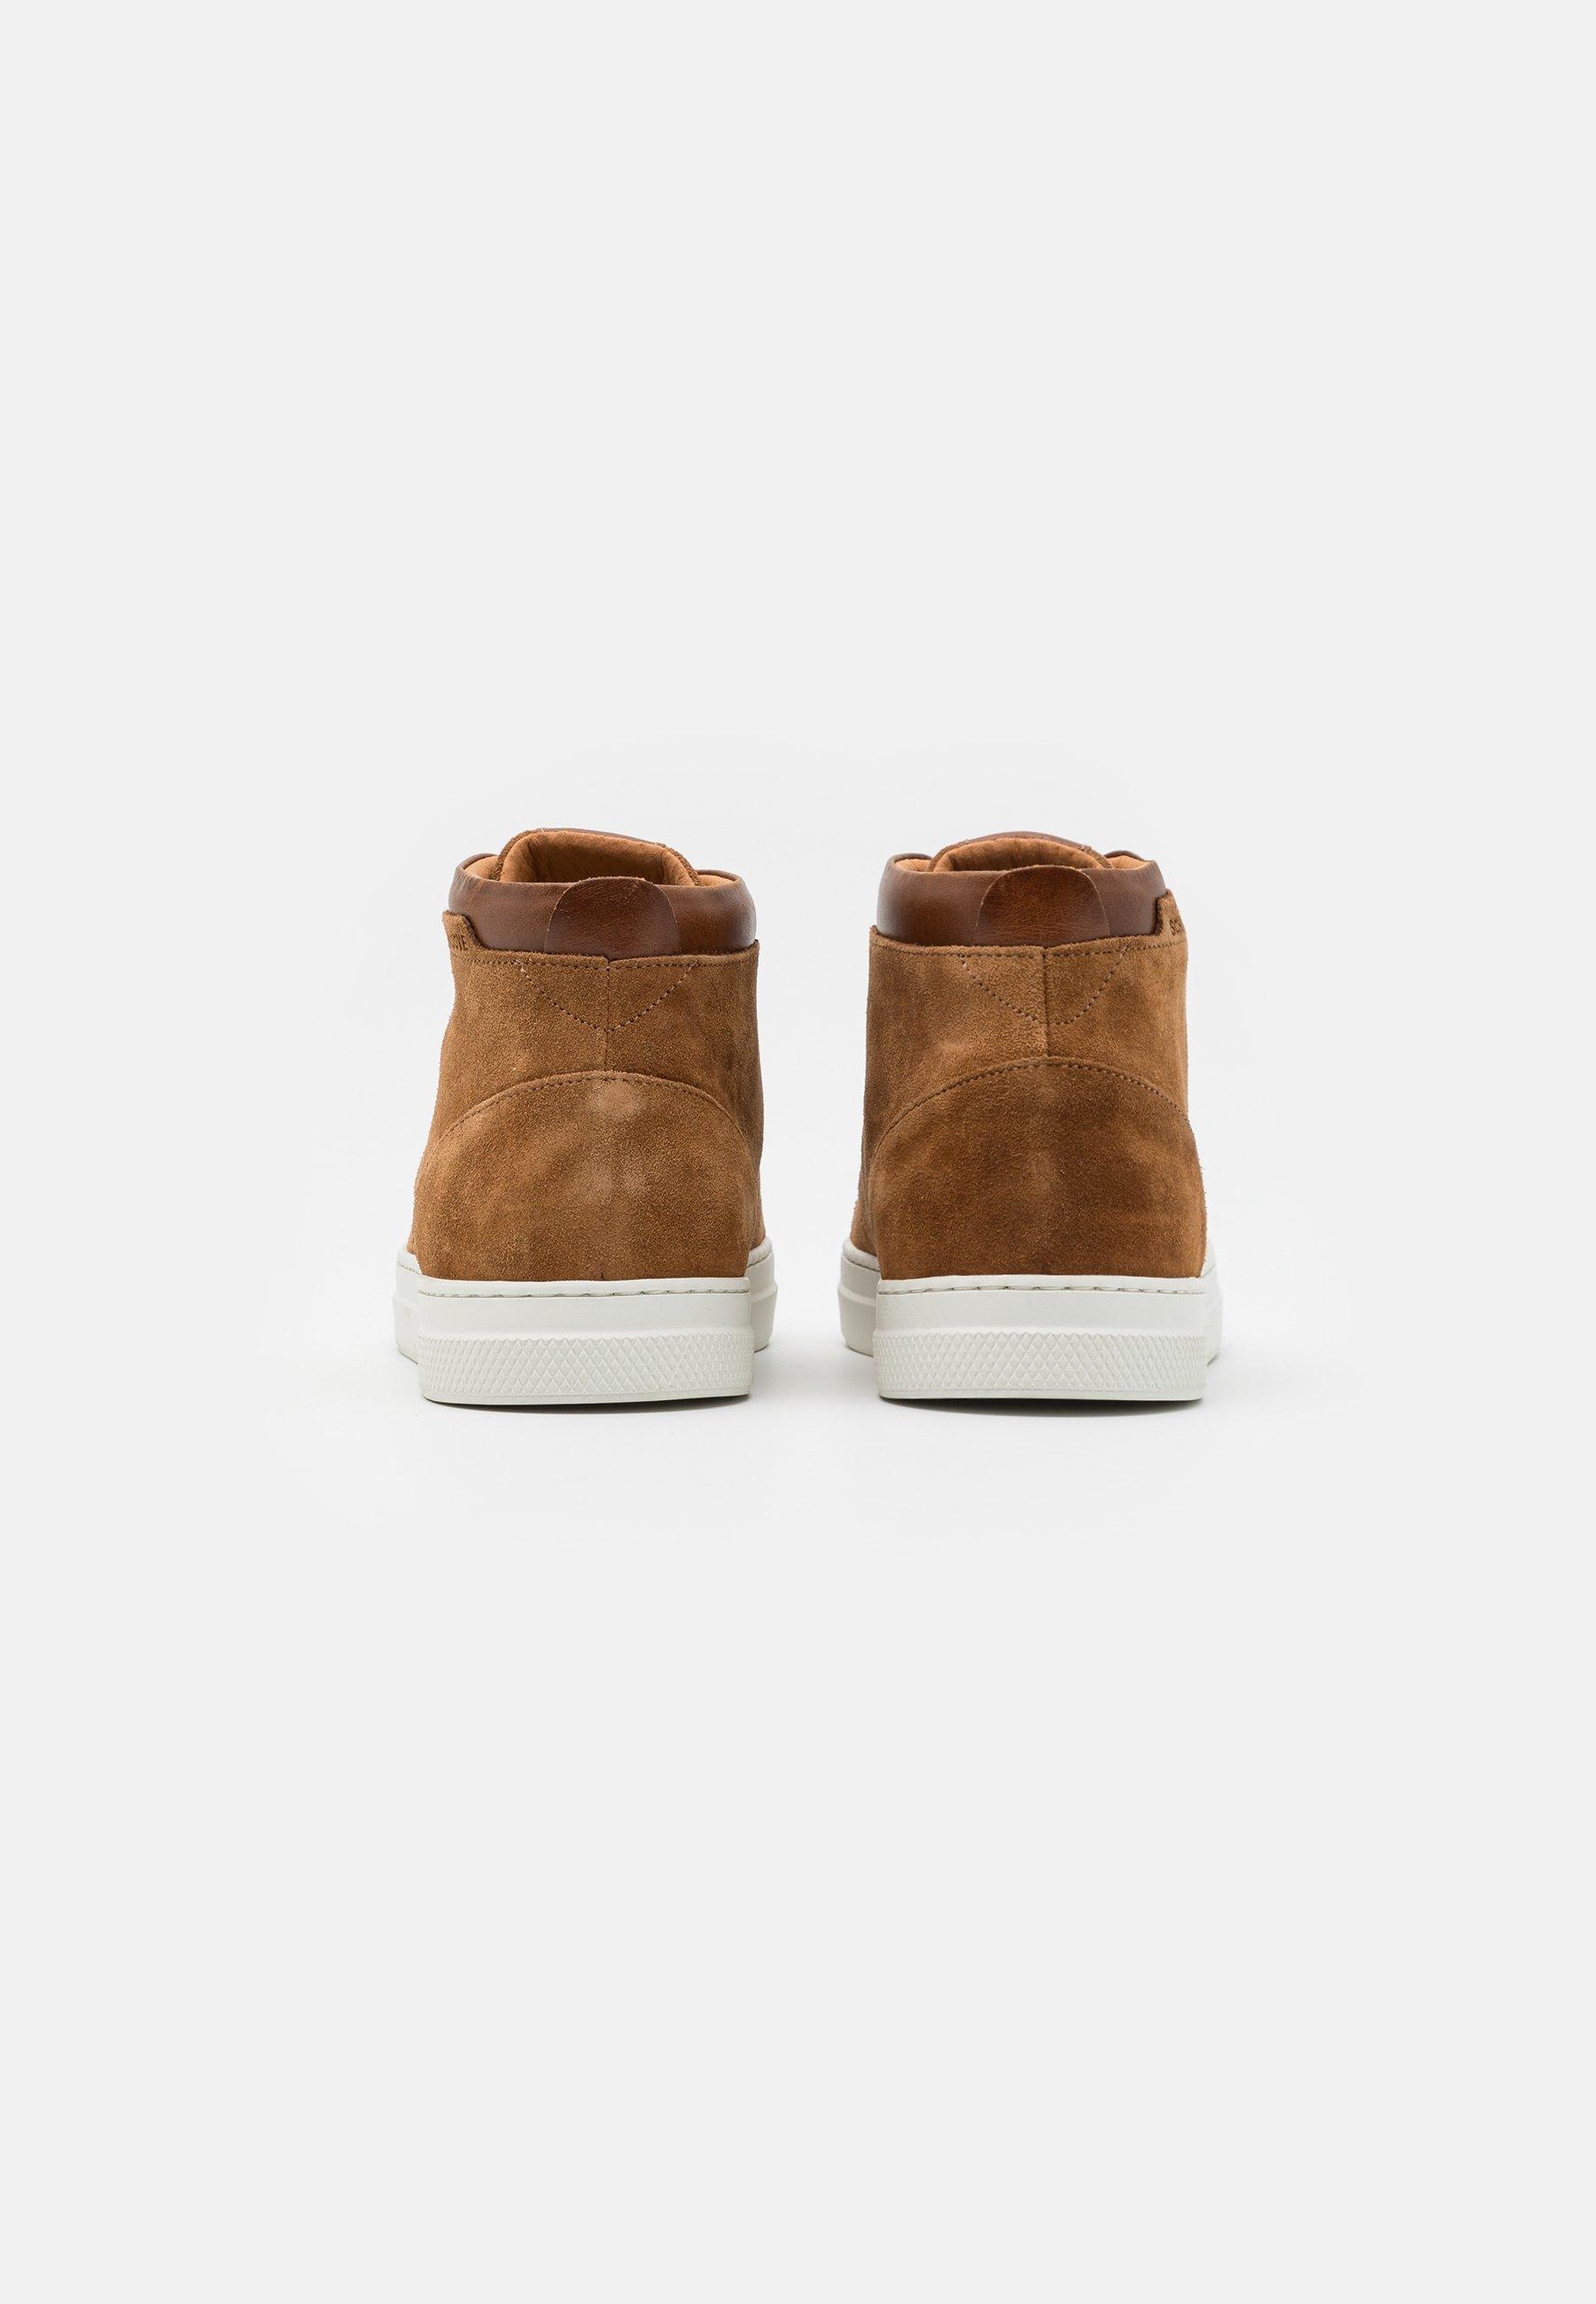 Schmoove SPARK MID - Sneaker high - cognac/camel/cognac - Herrenschuhe LPeTE